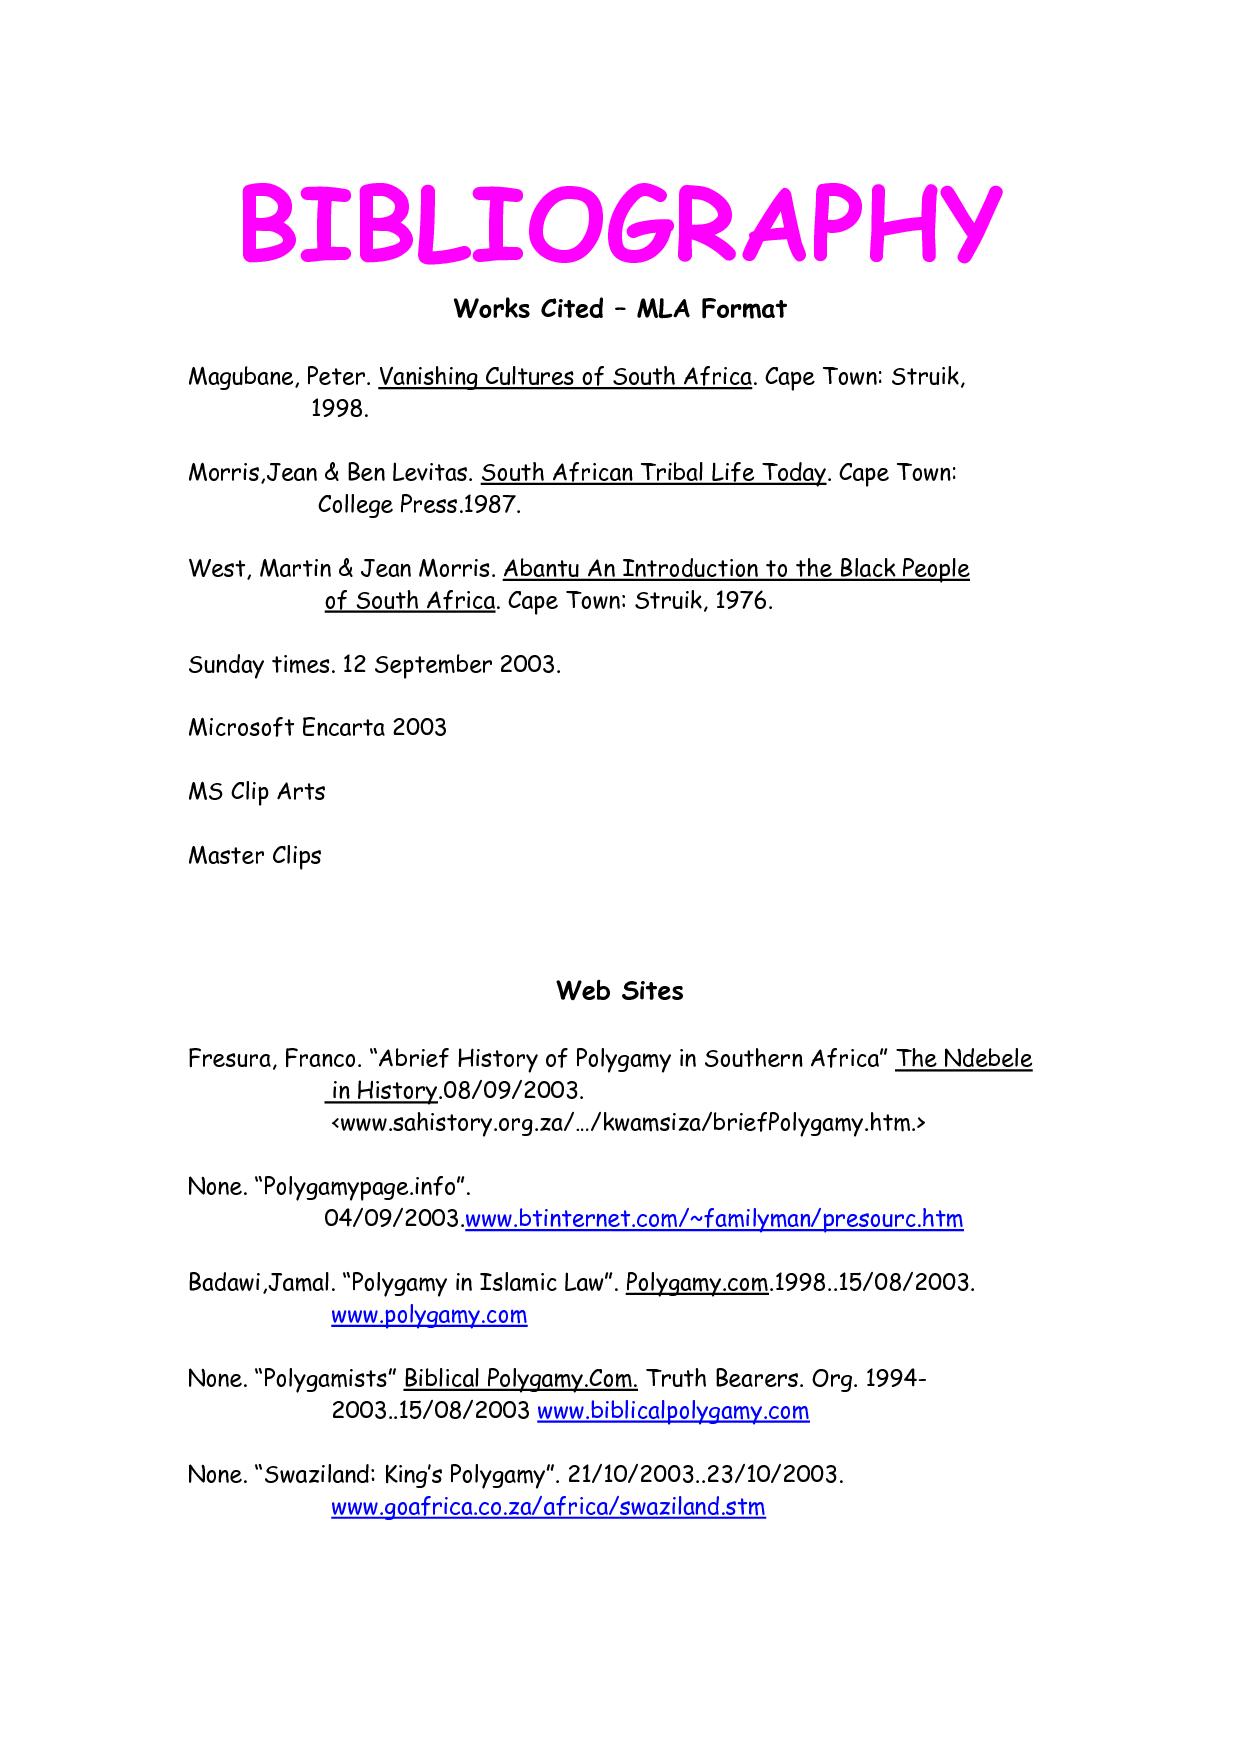 MLA Format Works Cited Template  Essay format, Works cited, Mla